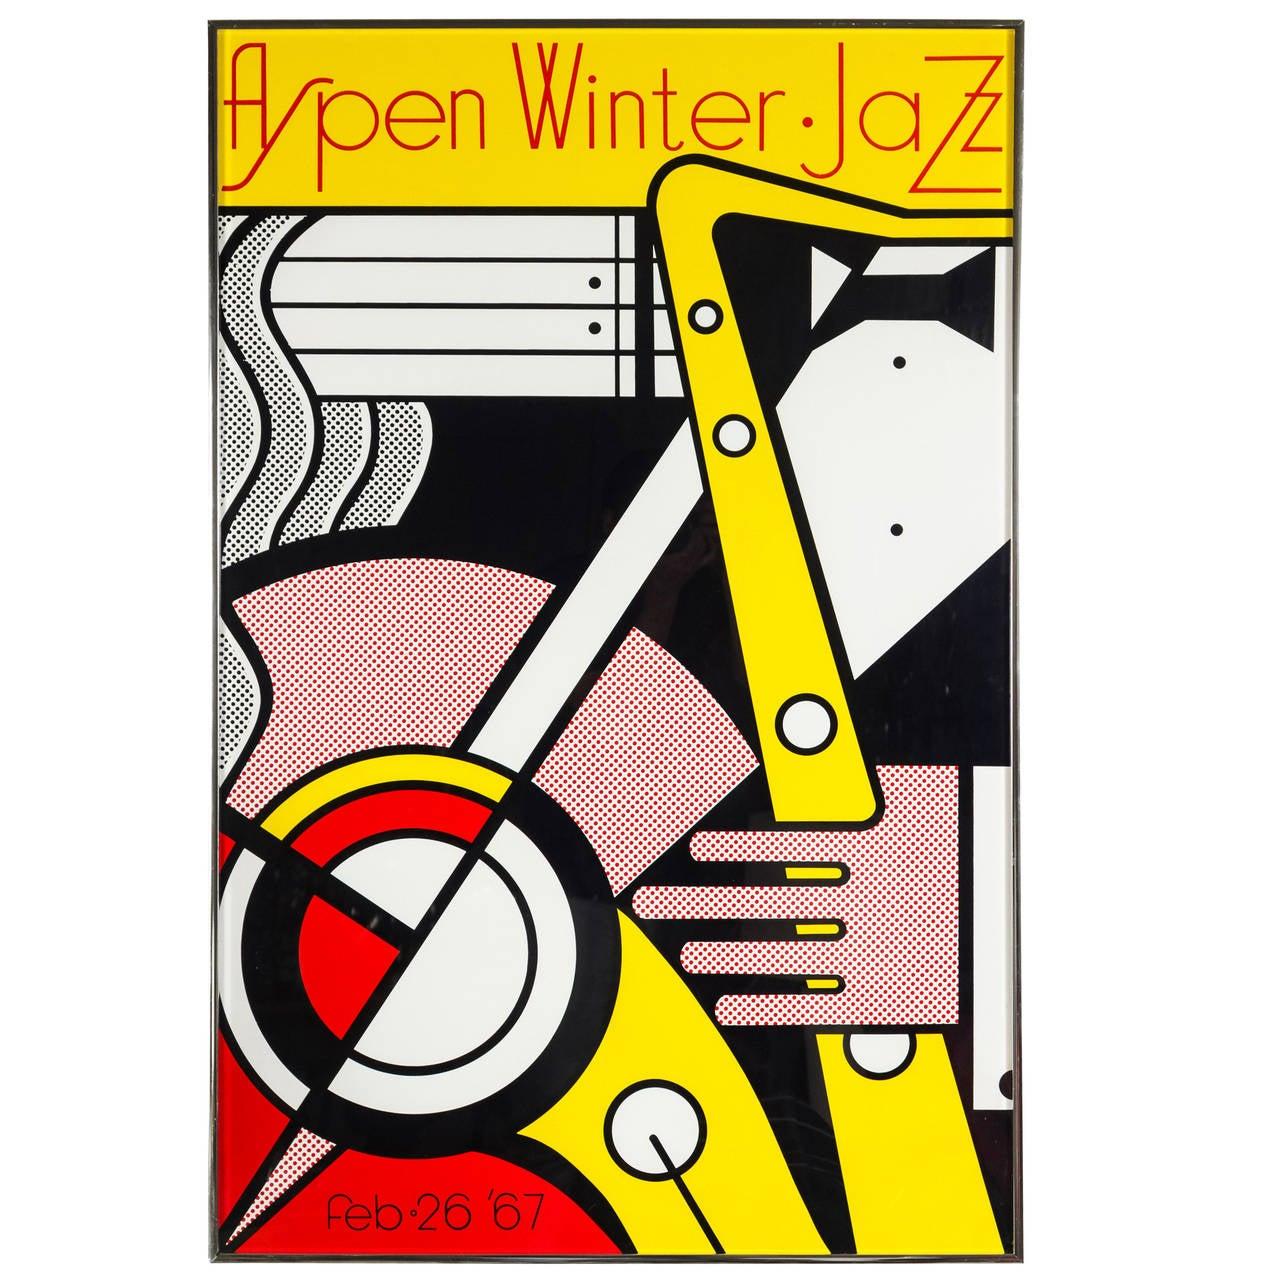 Aspen Winter Jazz Serigraph by Roy Lichtenstein 1